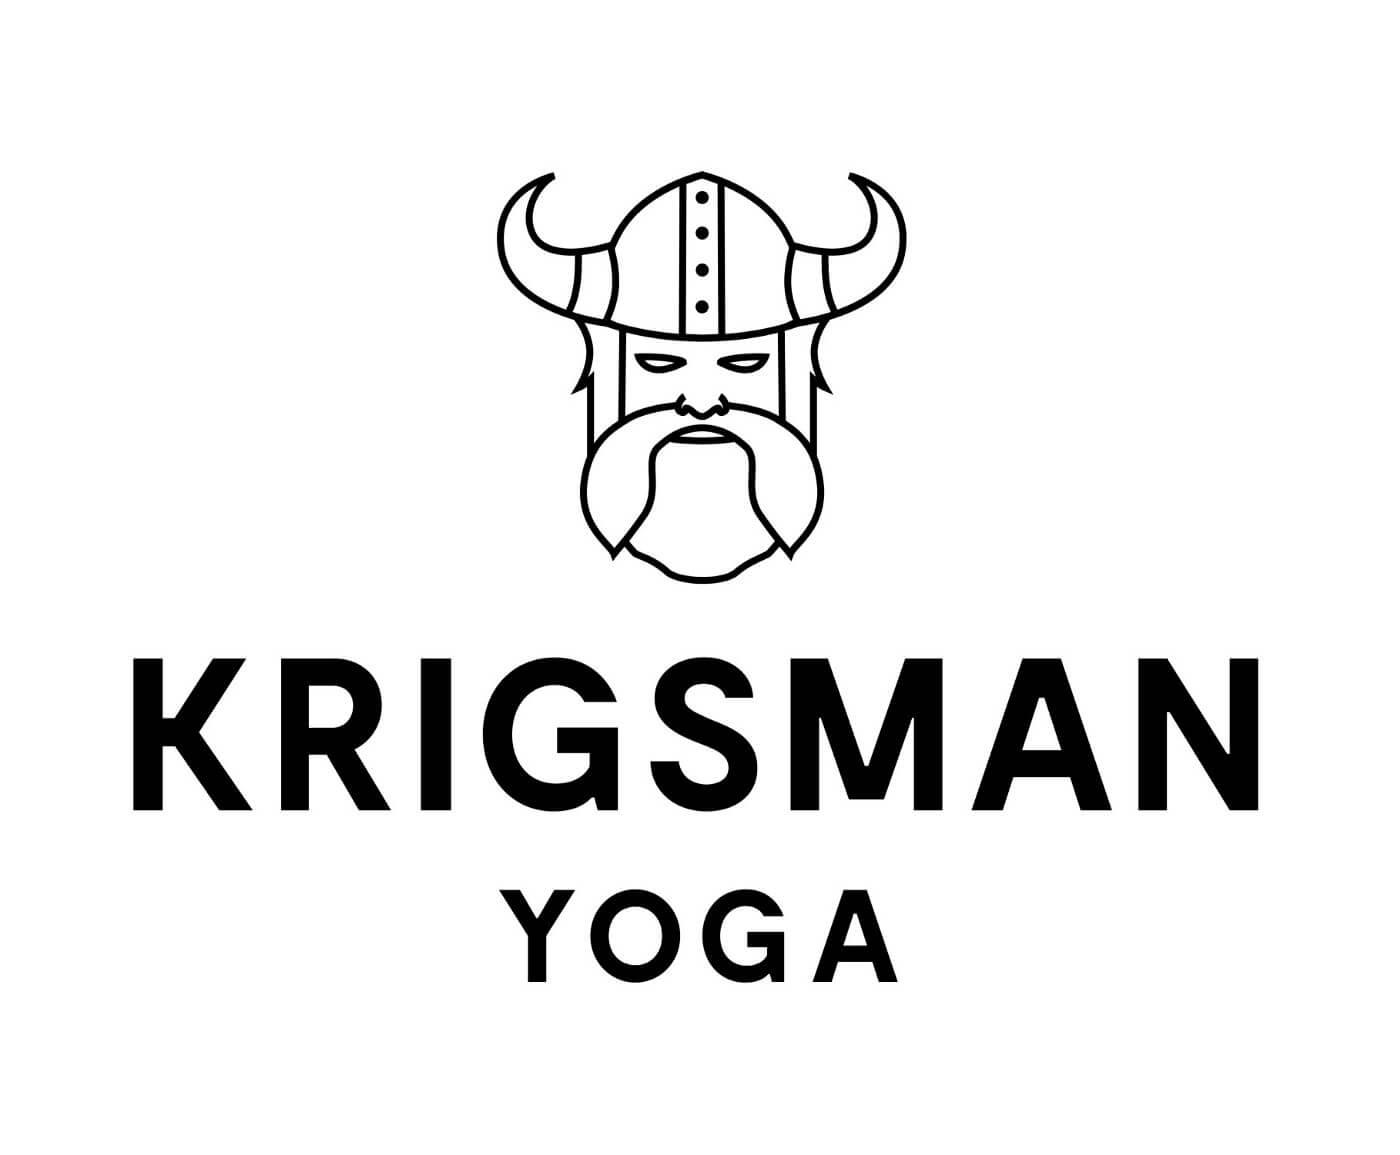 Viking logo mark with Krigsman Yoga logotype.